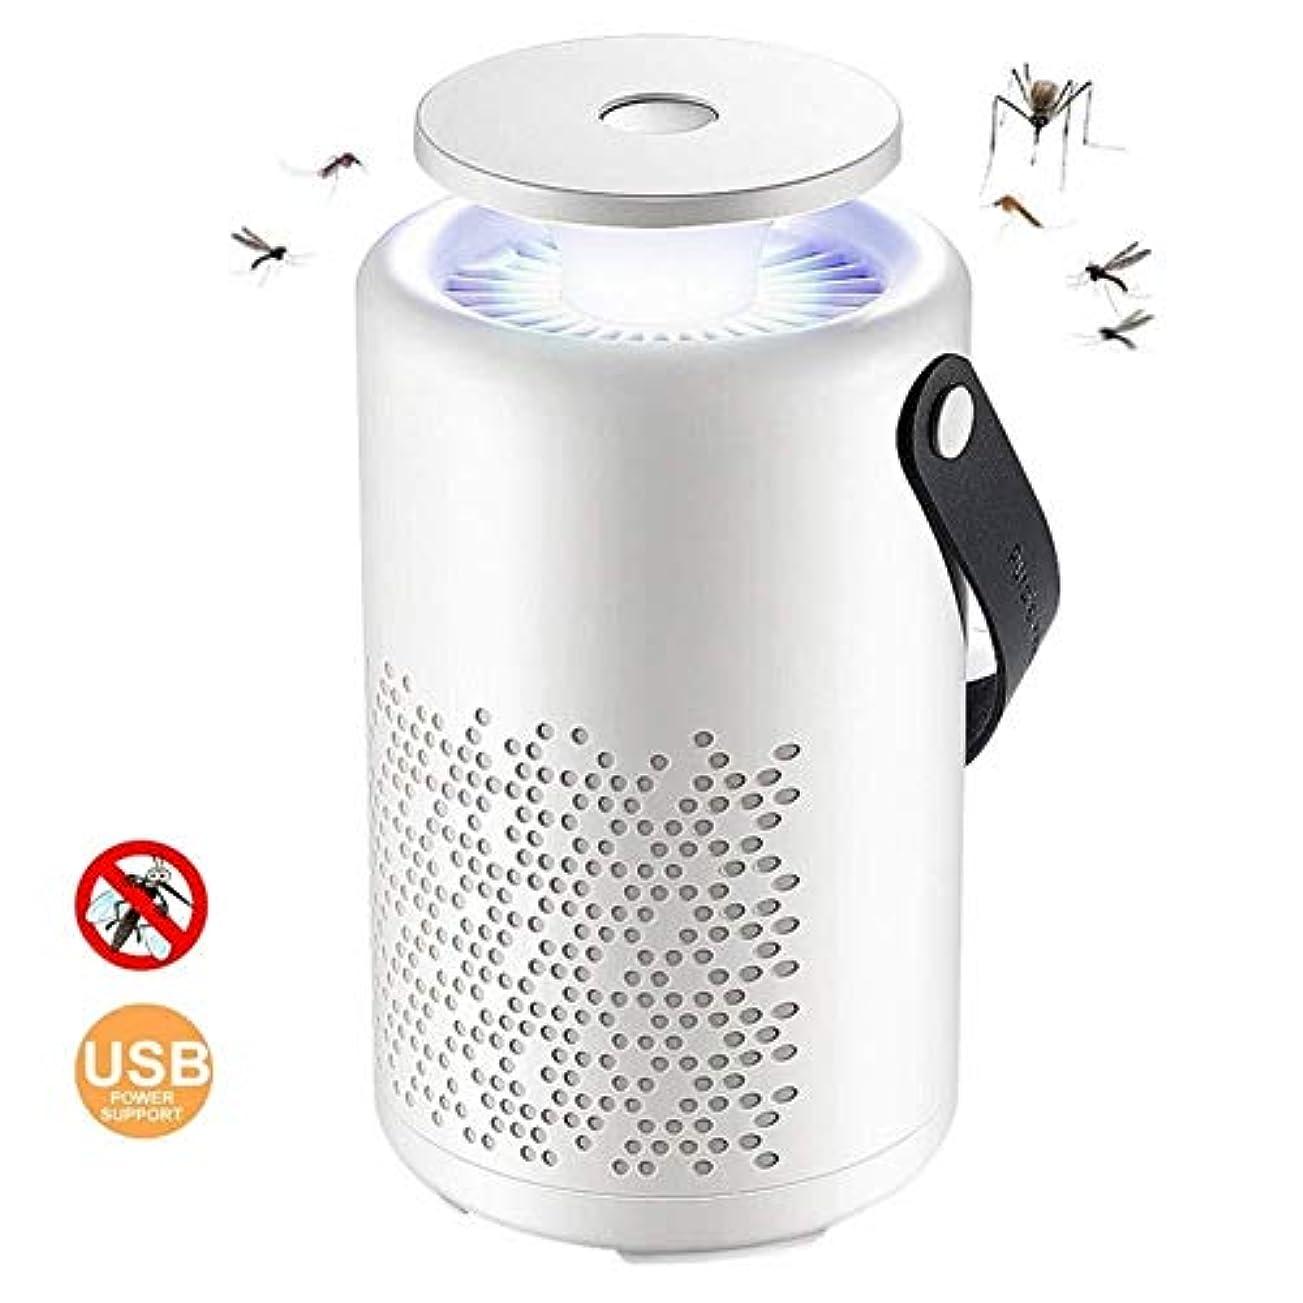 知恵障害多様な蚊忌避剤蚊キラー、昆虫のキラー電気UV LED昆虫キラー、蚊の純粋な物理的な昆虫忌避剤